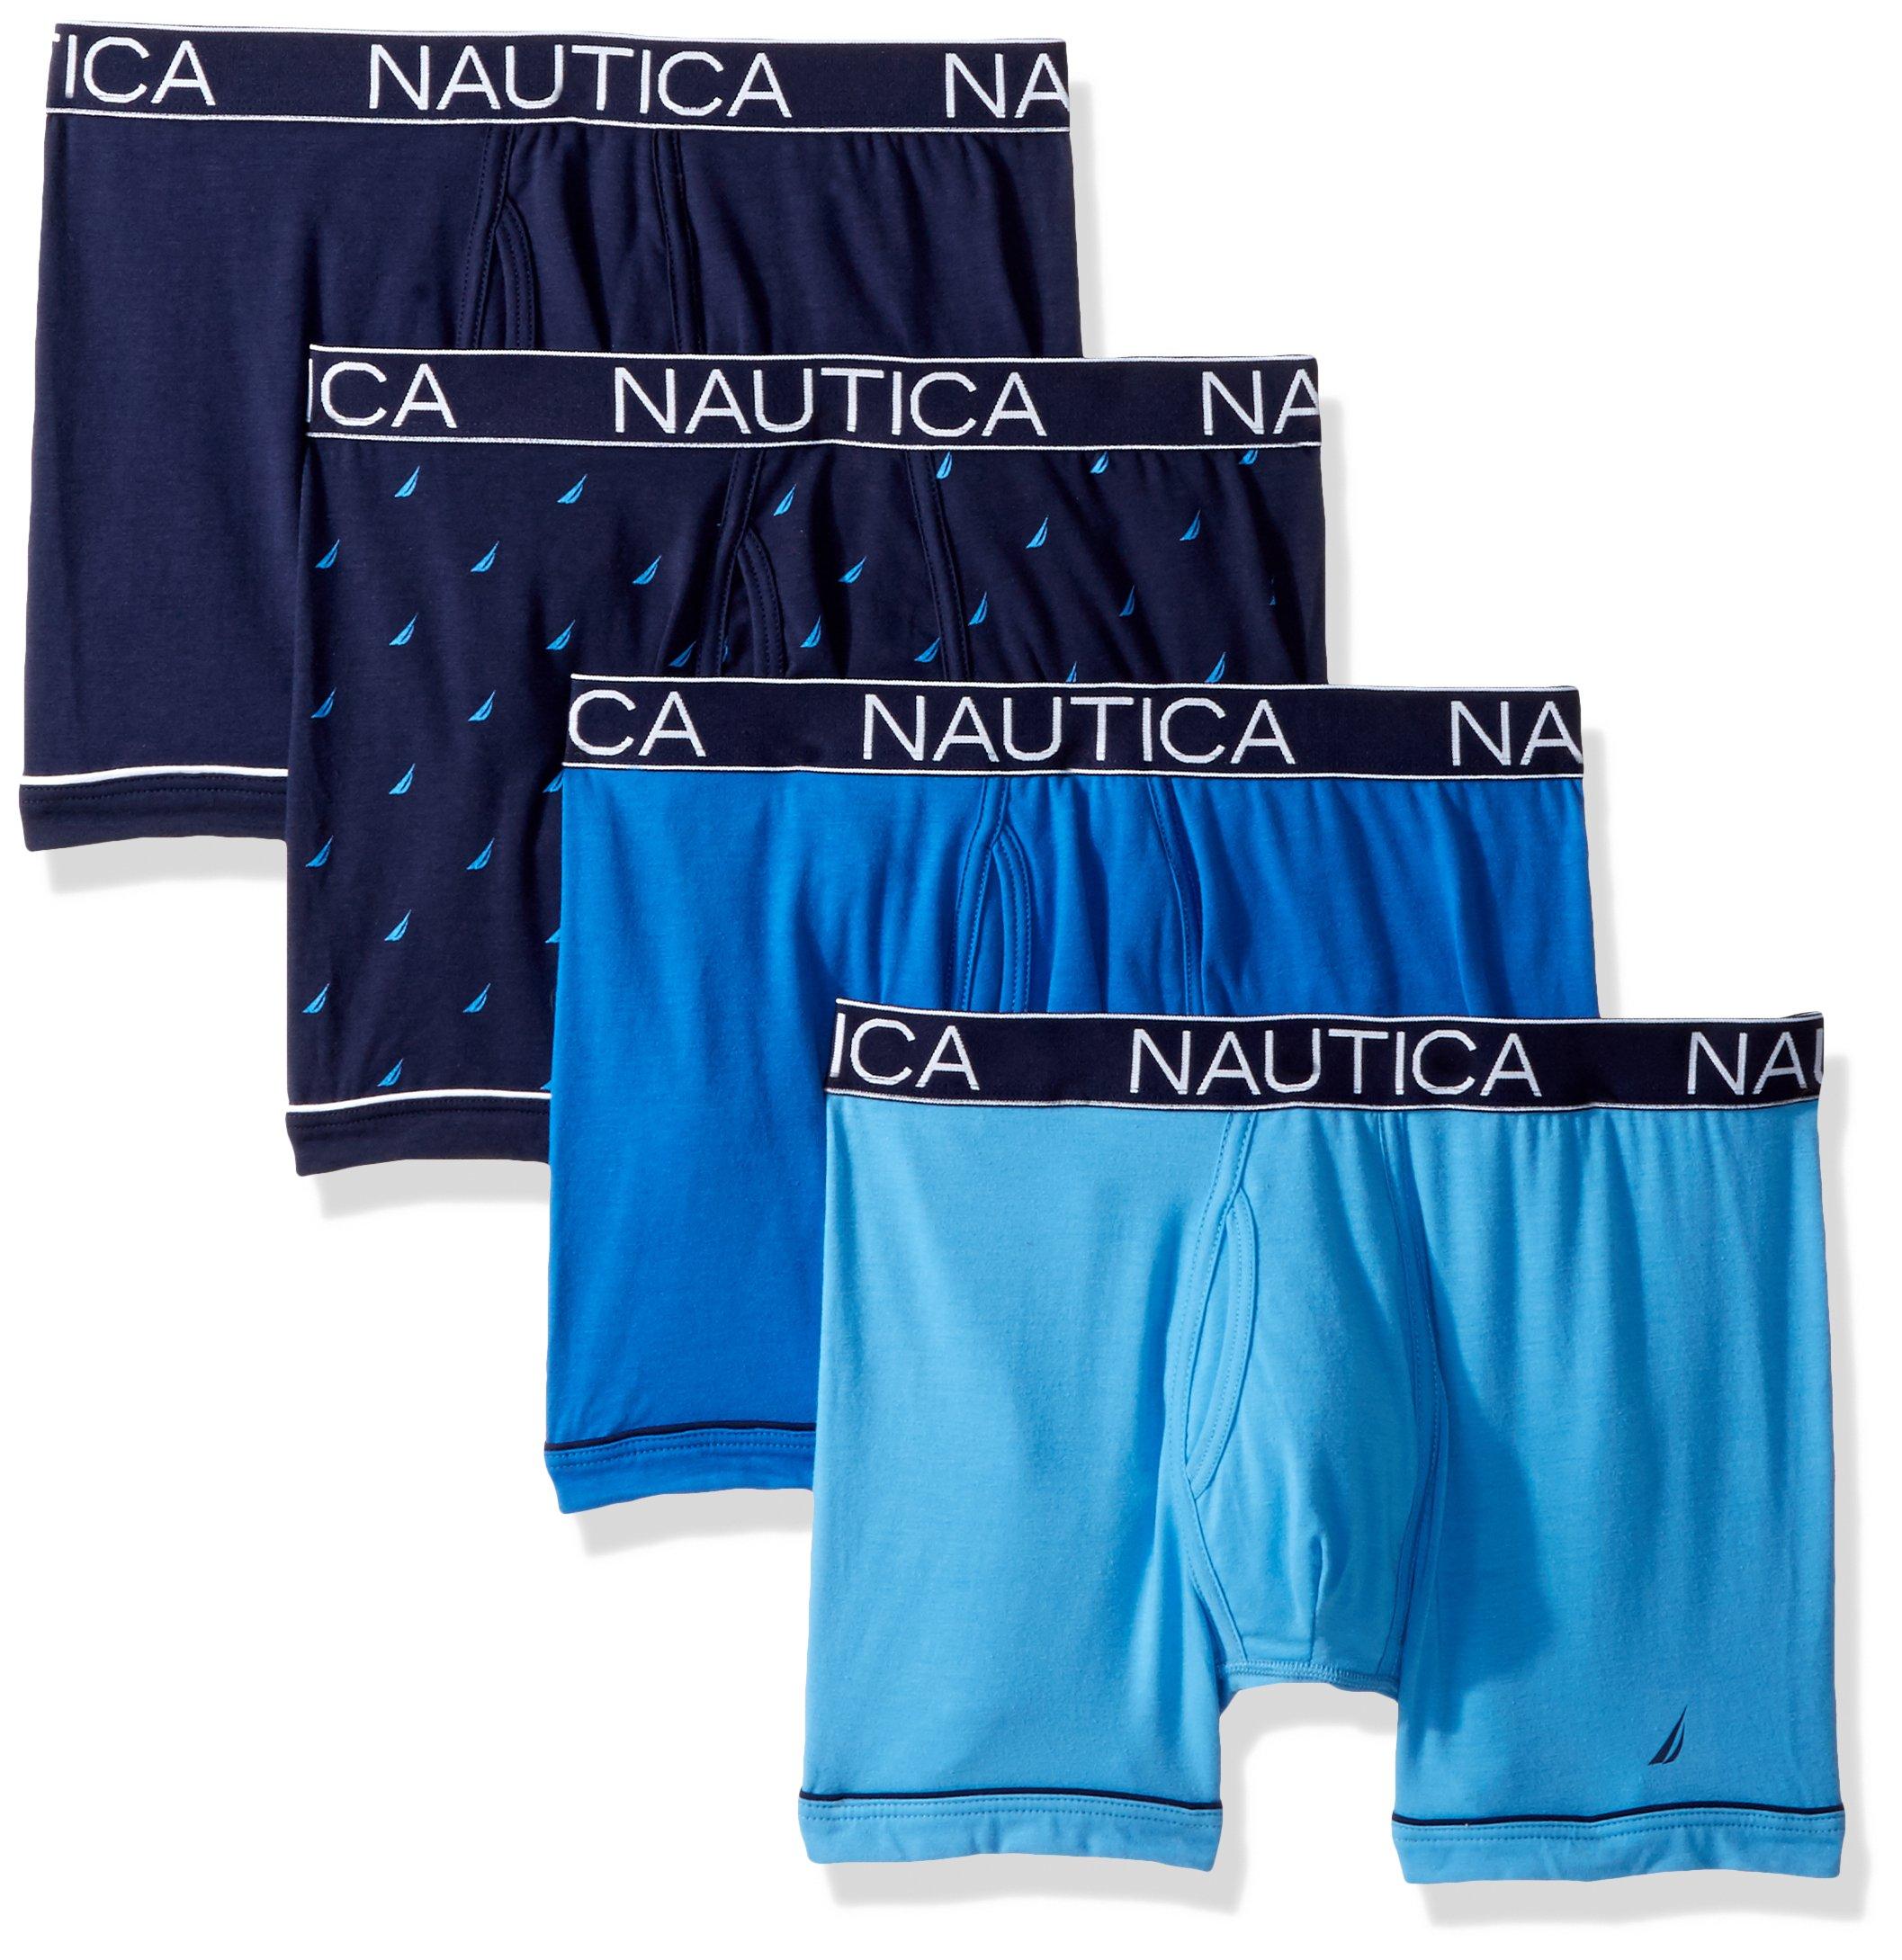 Nautica Men's Comfort Cotton Underwear Boxer Brief Multi Pack, 4 Pack Peacoat/Aero/Sea Cobalt/Sail Print, S